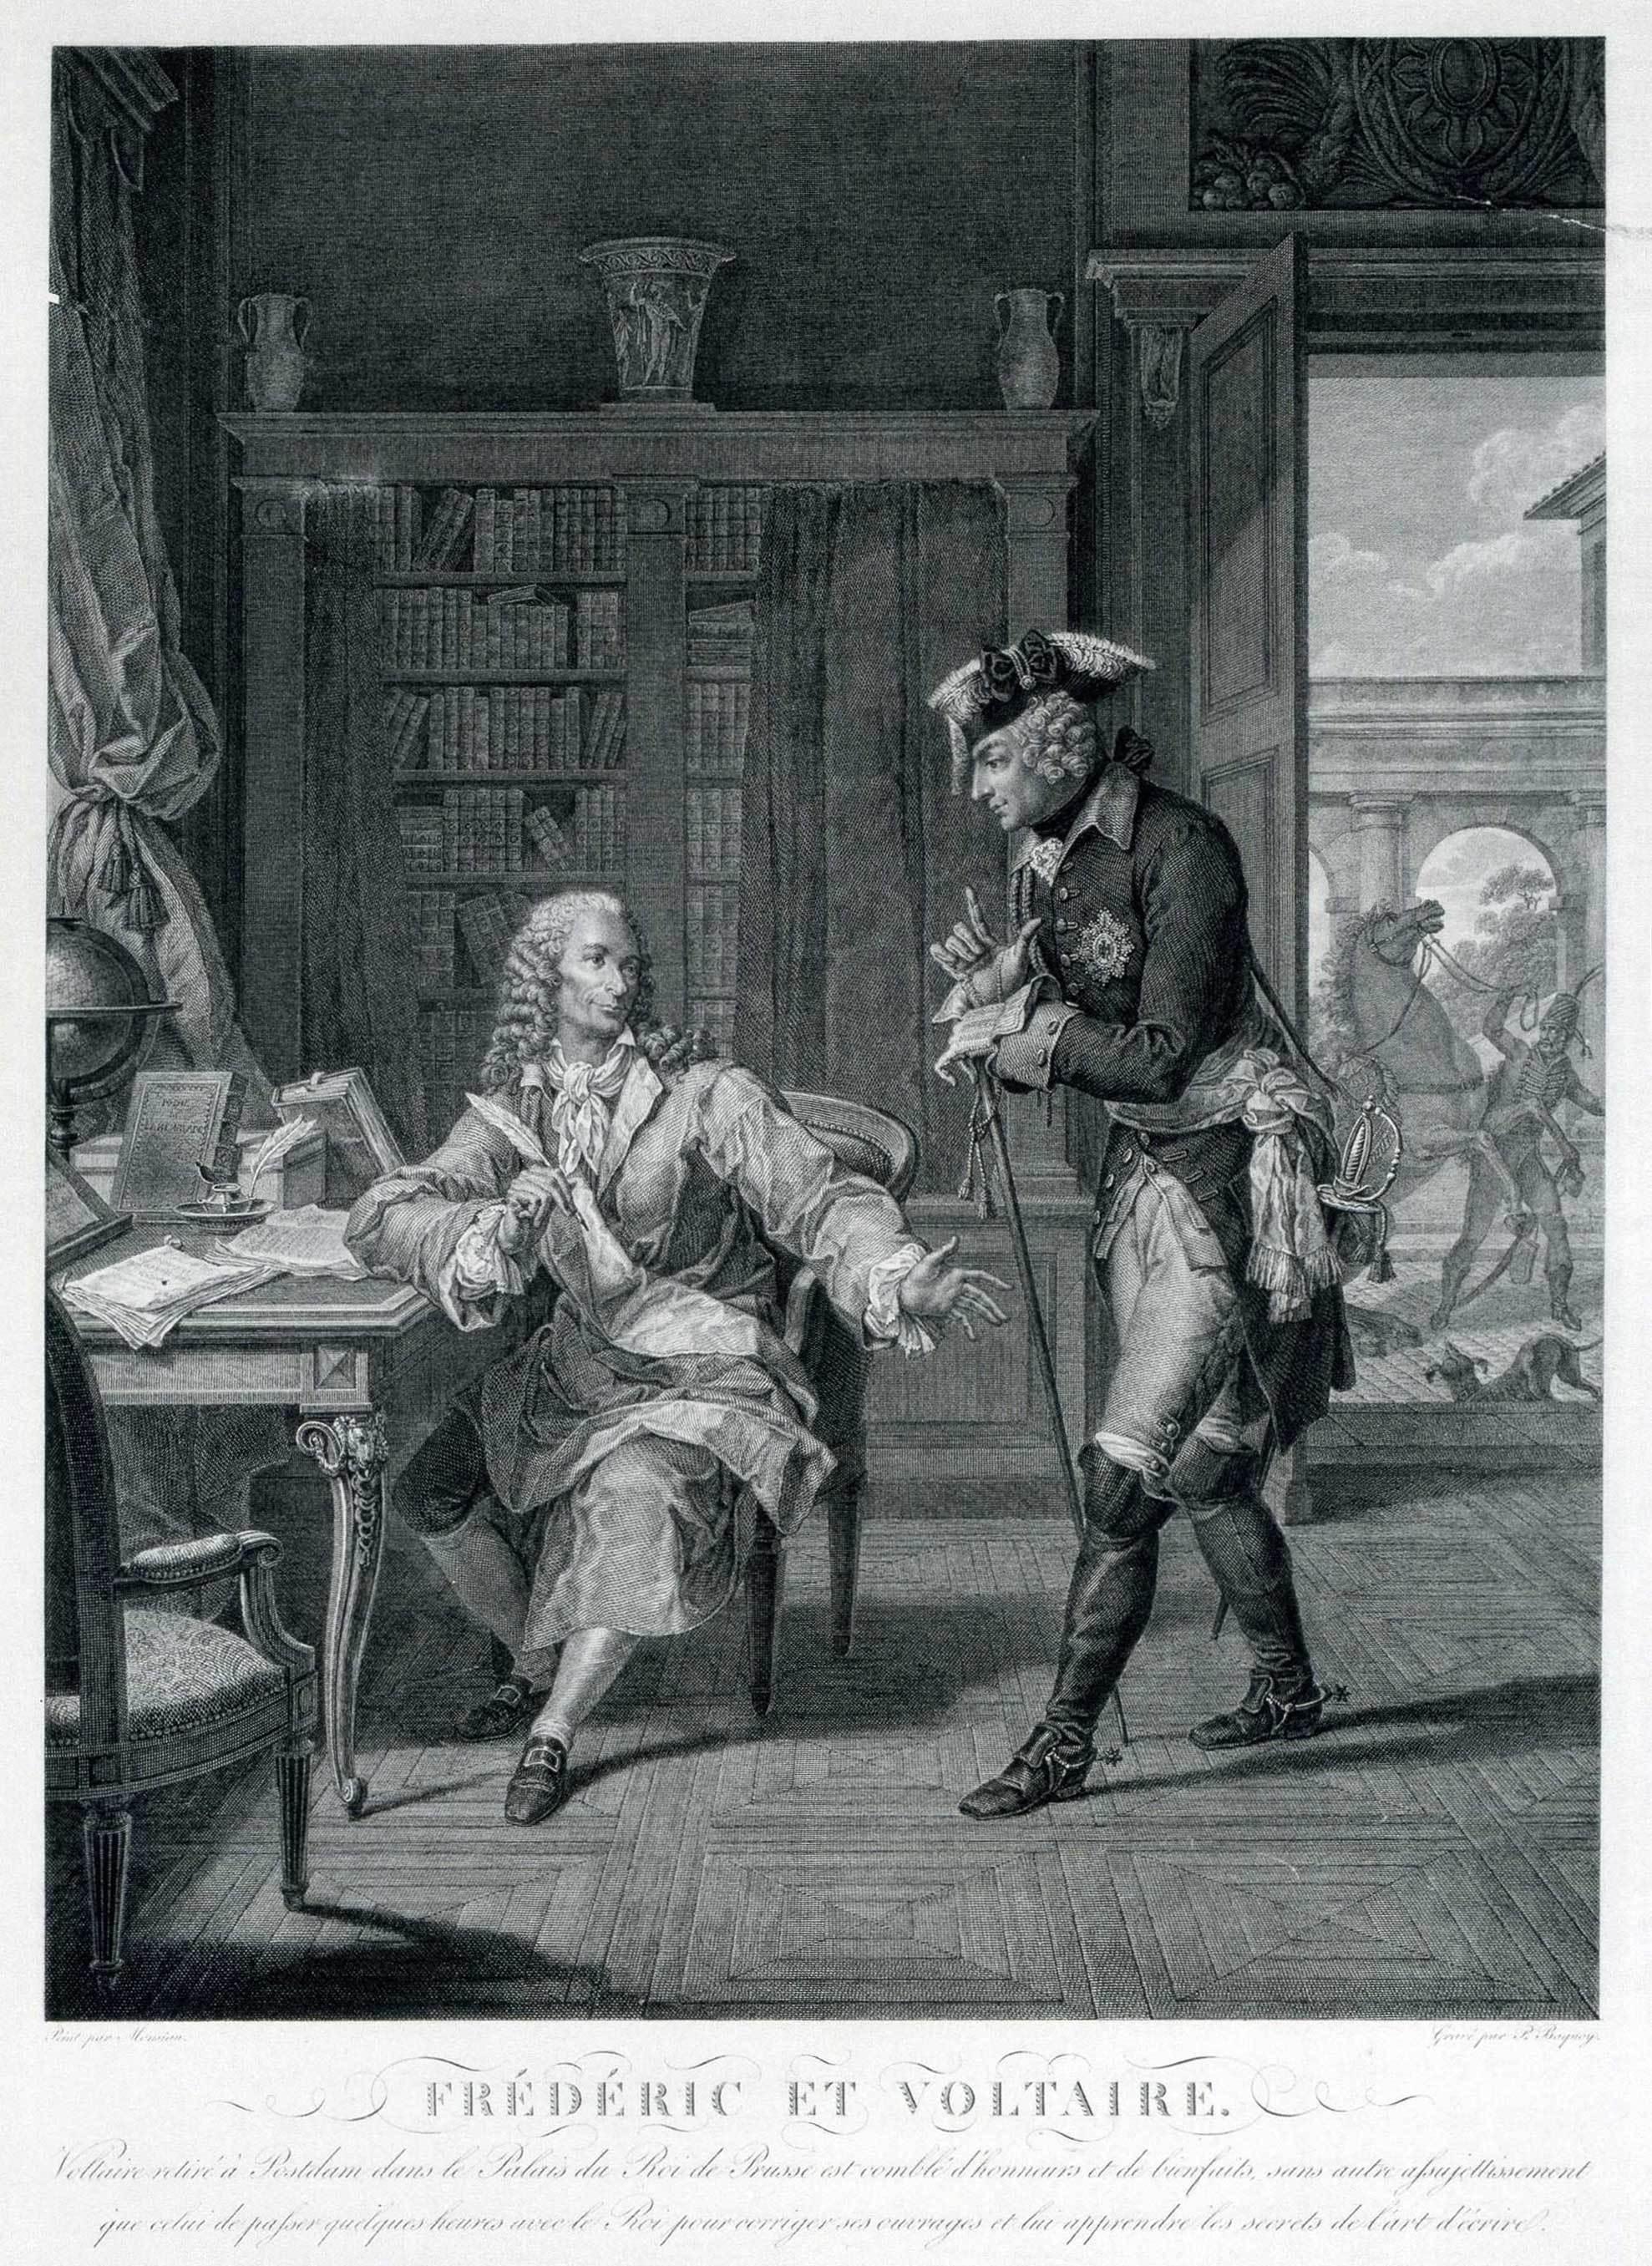 Théorie du ruissellement: Voltaire, militant décomplexé de la première heure